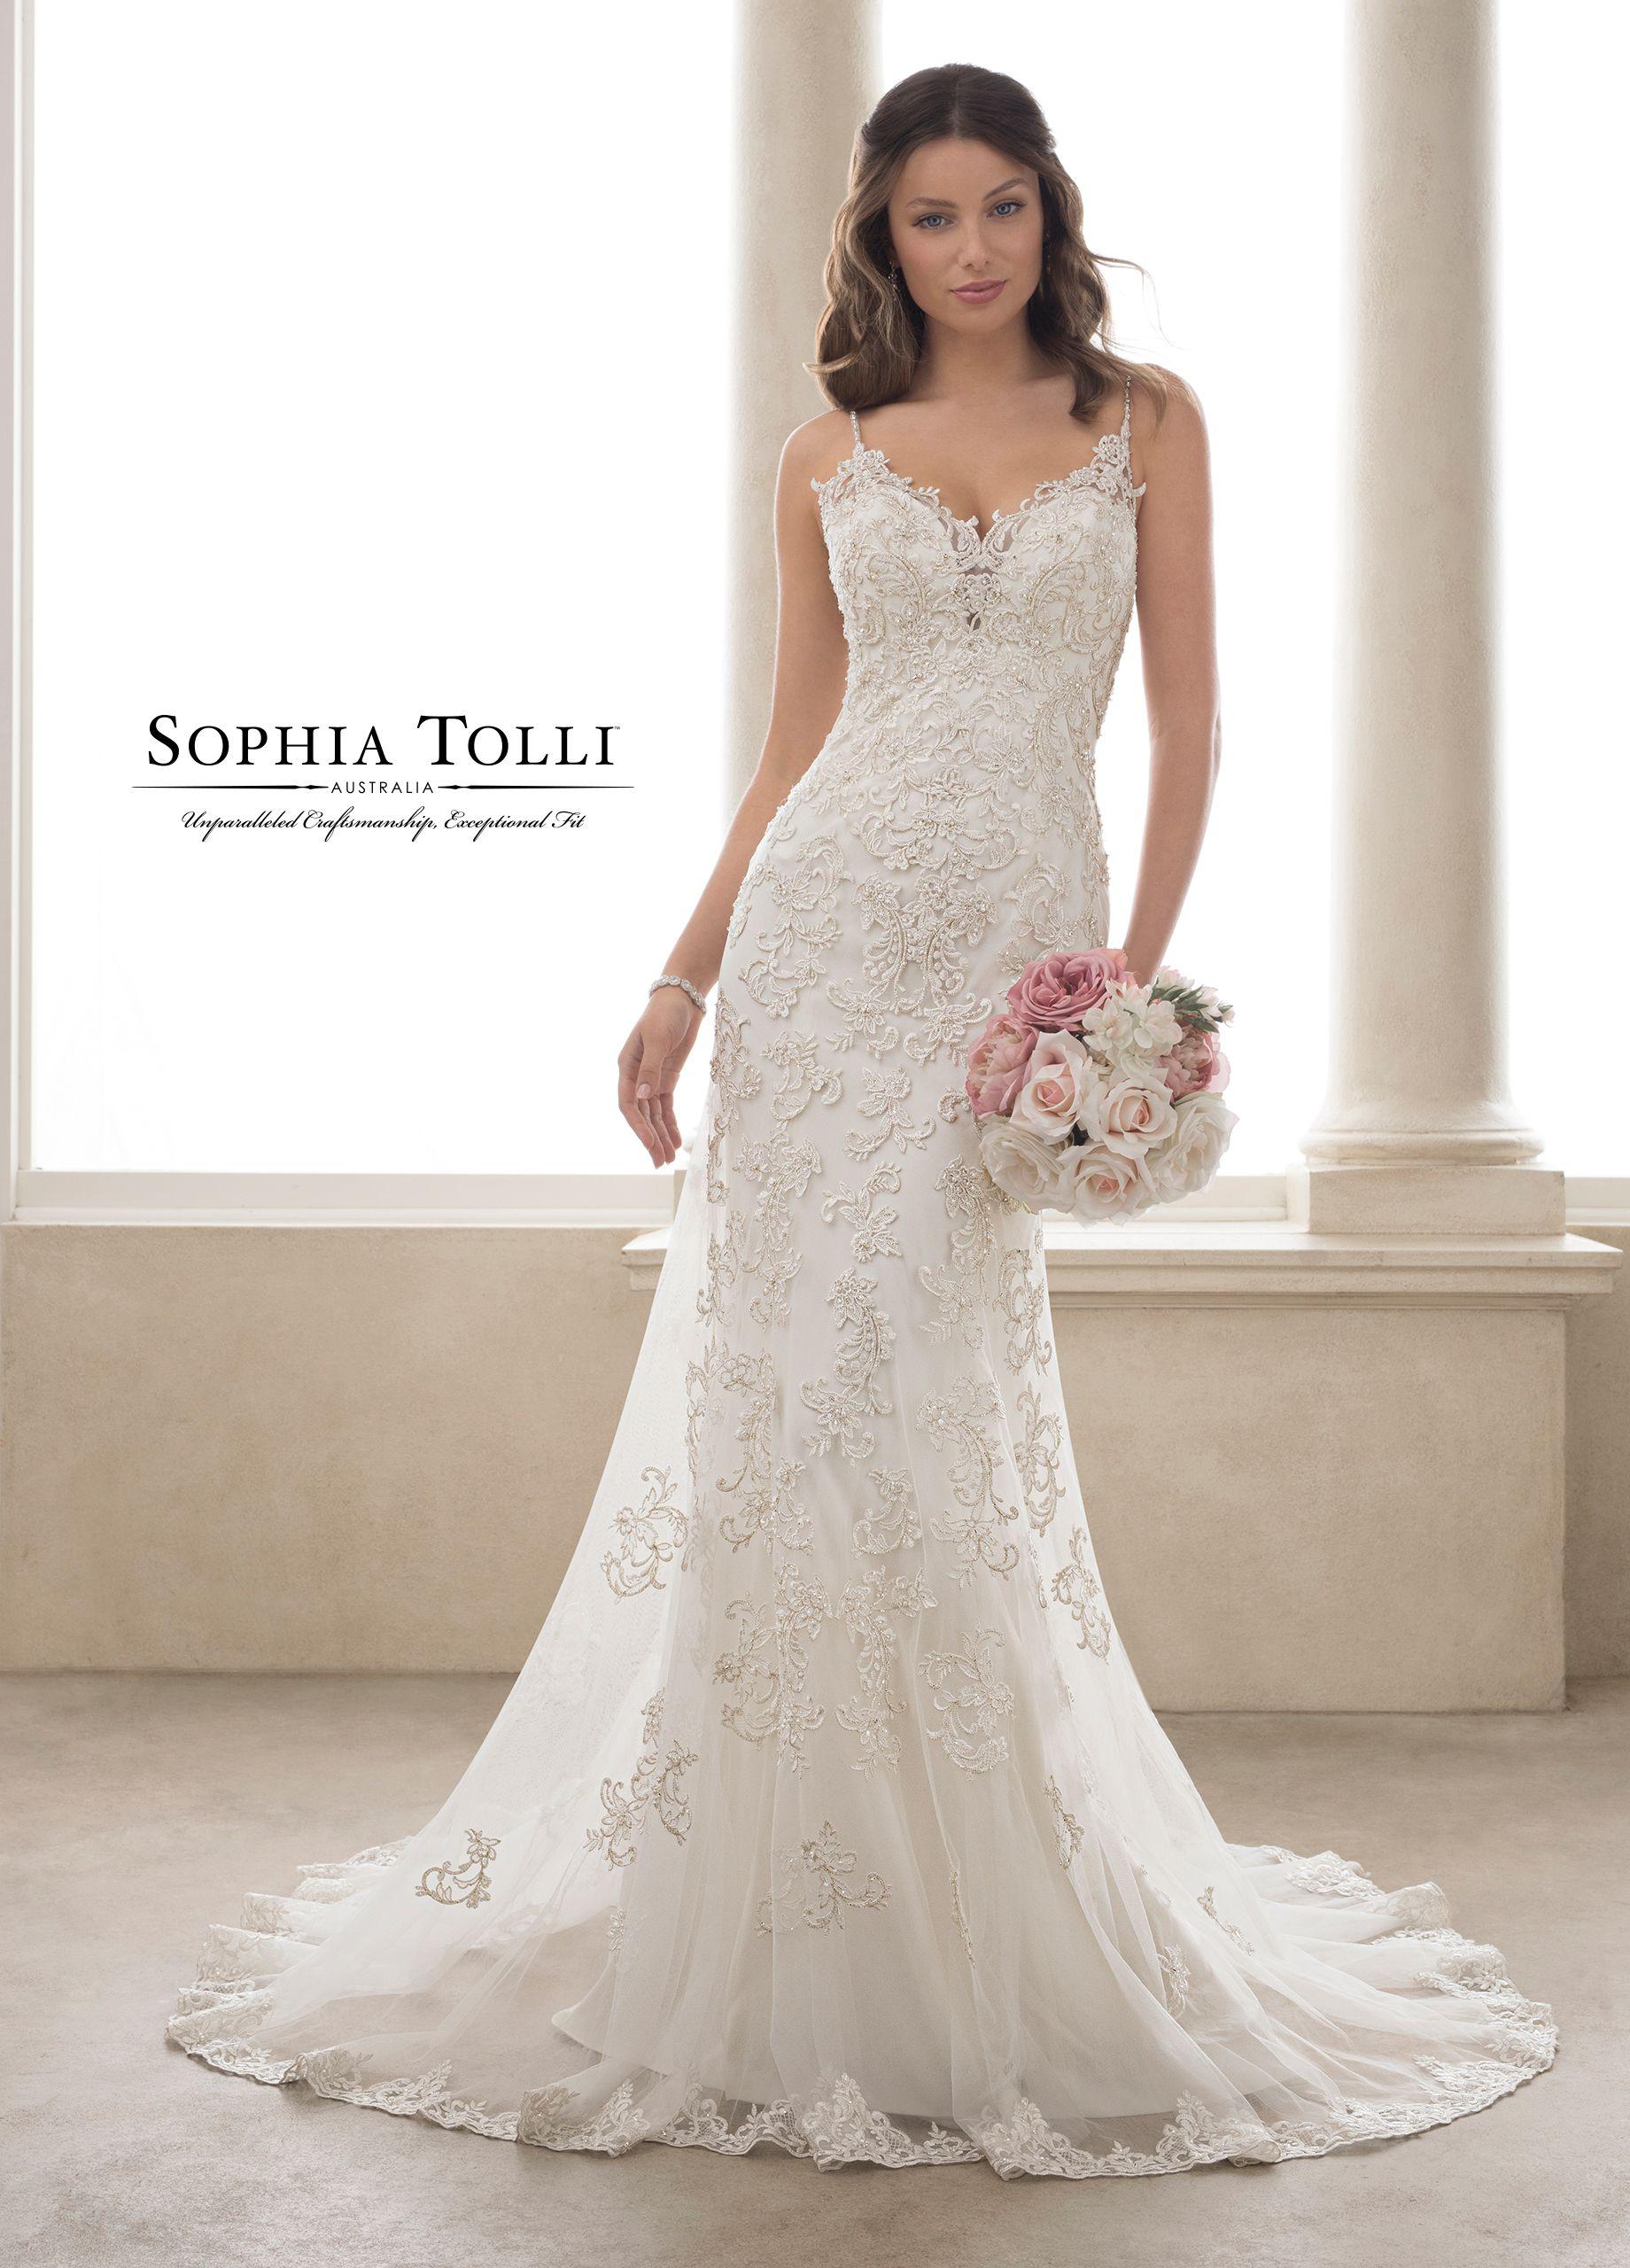 Sophia Tolli Turquoise Sophia Tolli Wedding Dresses Wedding Dresses For Sale Wedding Dresses